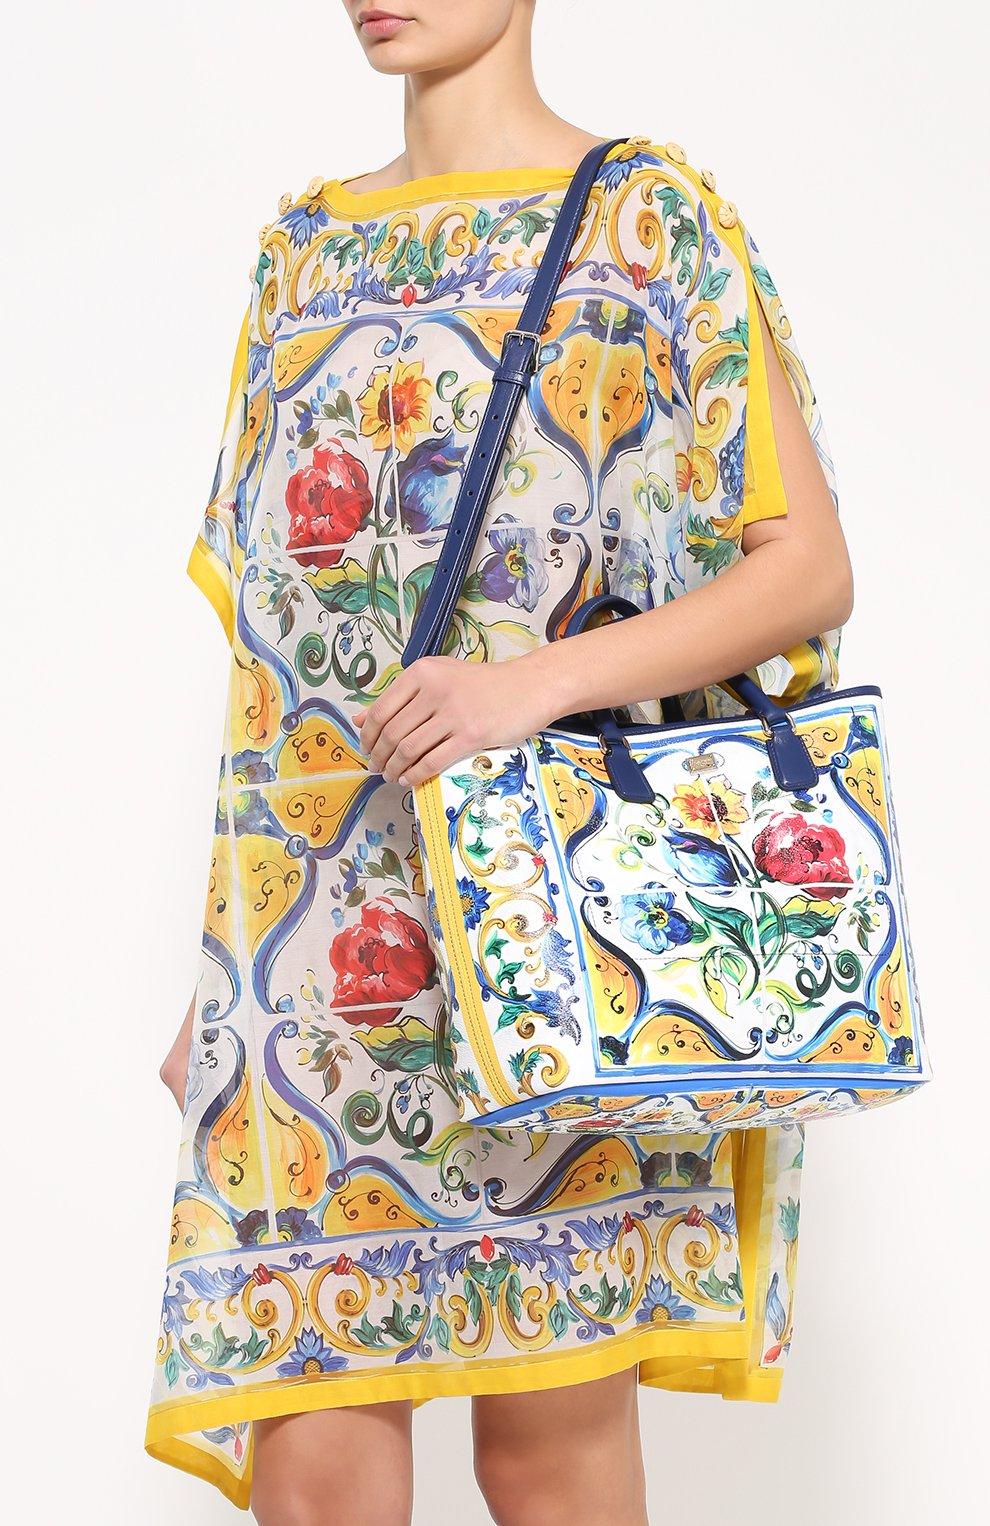 Сумка Lara с принтом Maiolica Dolce & Gabbana разноцветная цвета   Фото №5